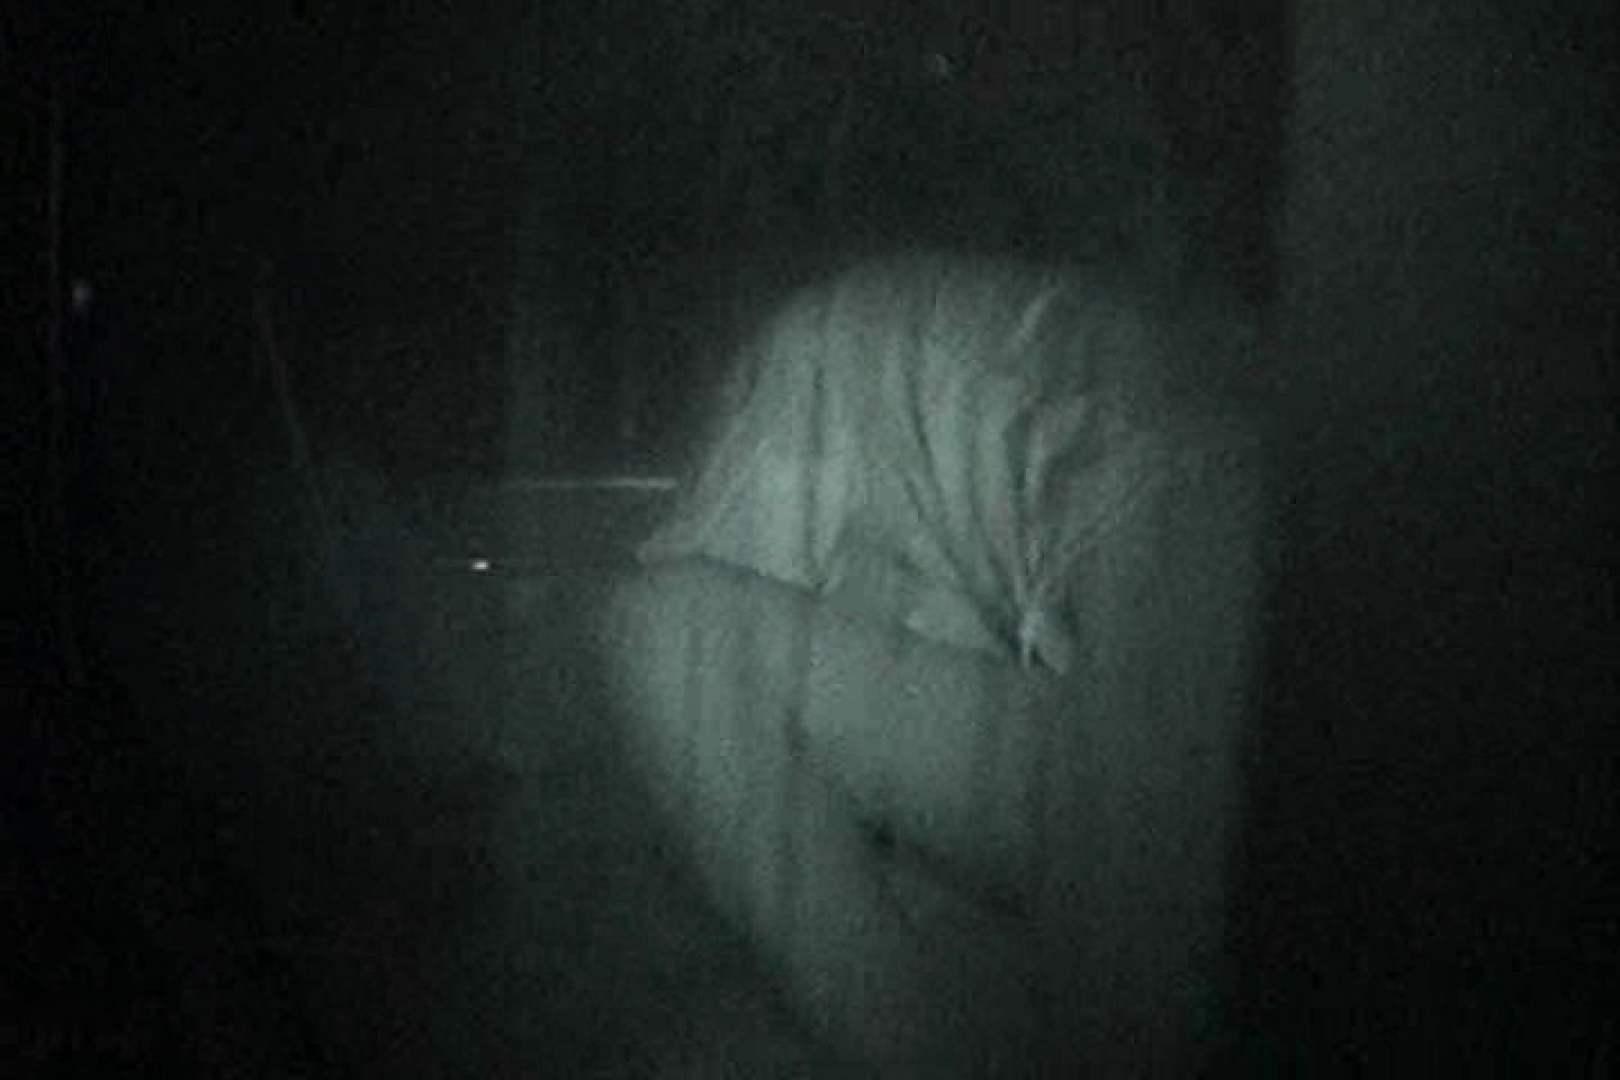 充血監督の深夜の運動会Vol.15 OLすけべ画像 | カップル  60連発 41